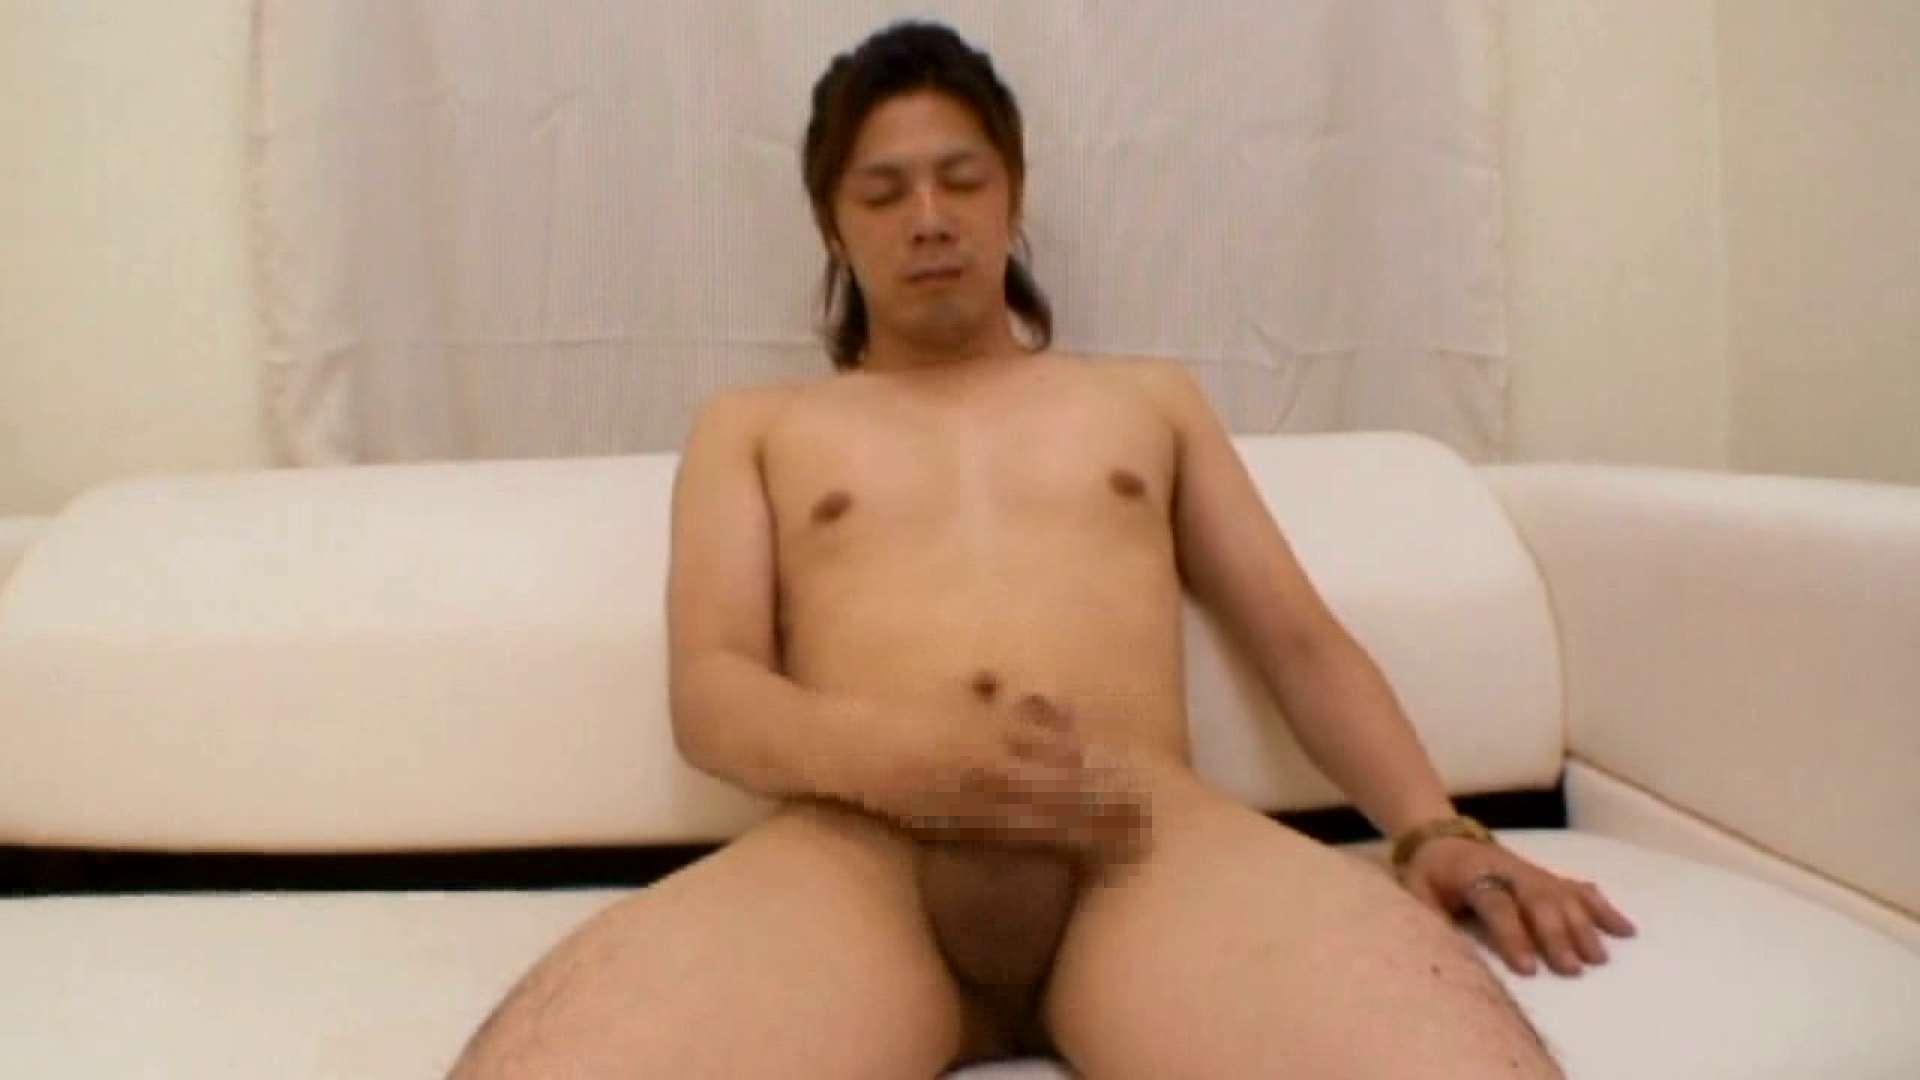 ノンケ!自慰スタジオ No.18 ゲイの自慰 ゲイエロ動画 110pic 63